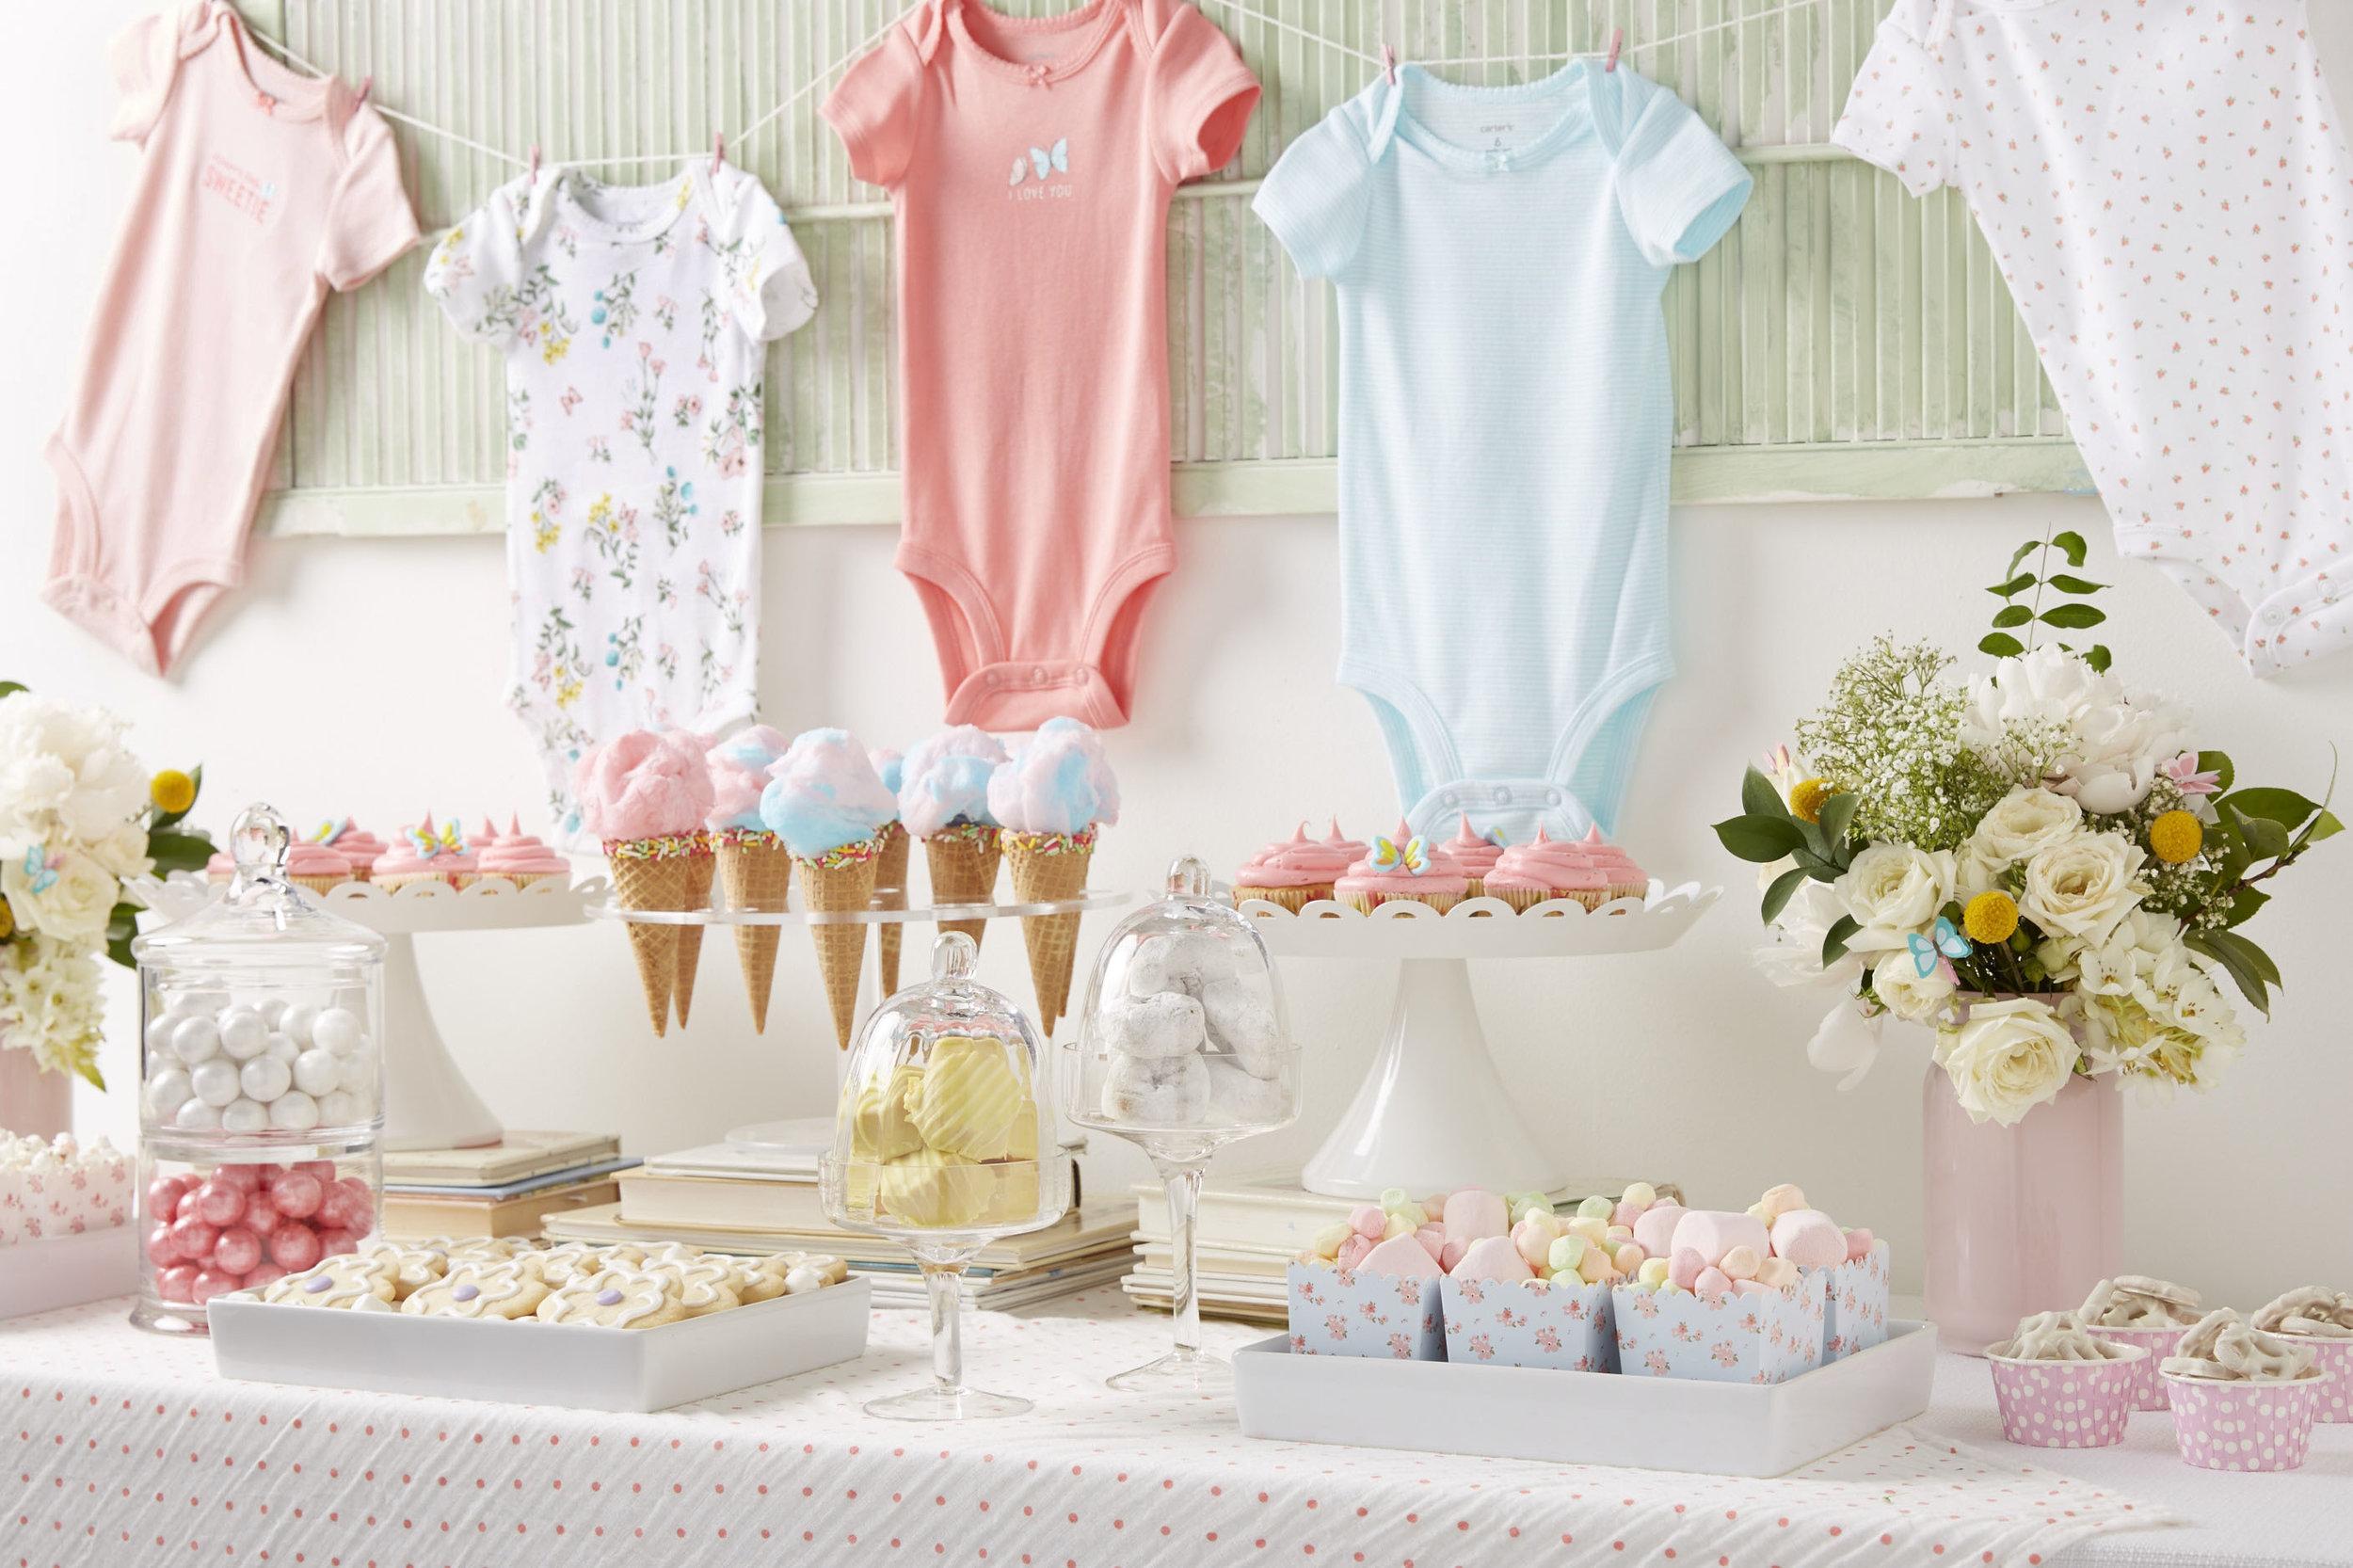 Little Layette Baby Shower  for Carter's |   Steve Pomberg